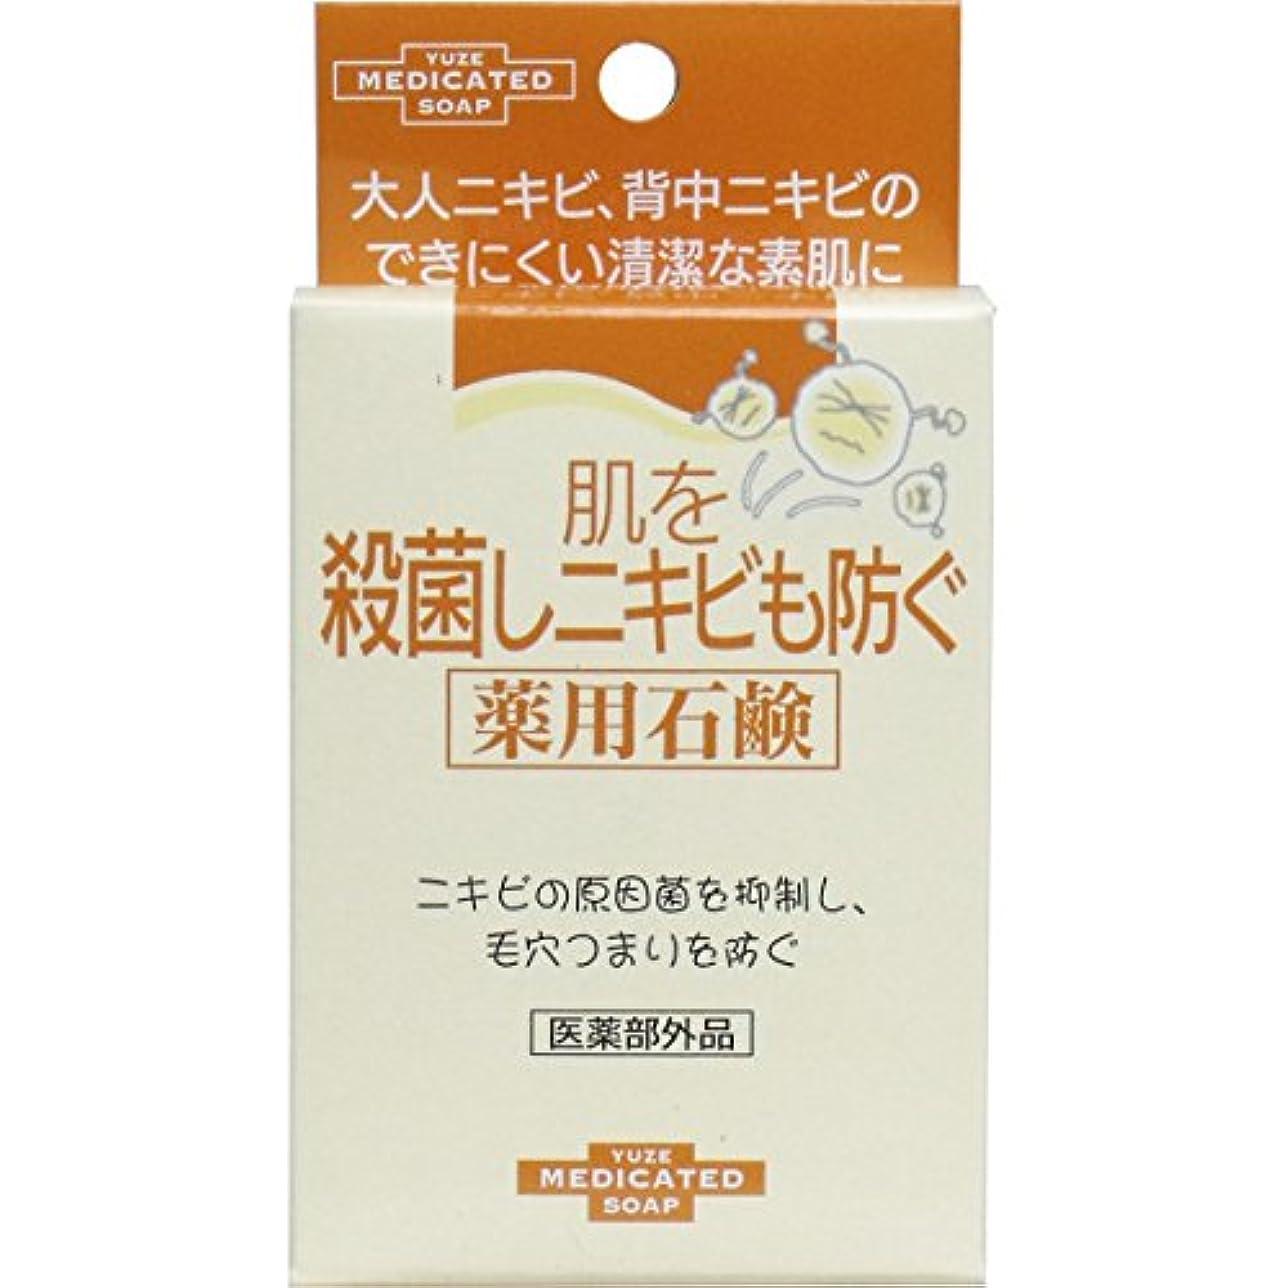 移行ライナー風刺ユゼ 肌を殺菌しニキビも防ぐ薬用石鹸 6セット